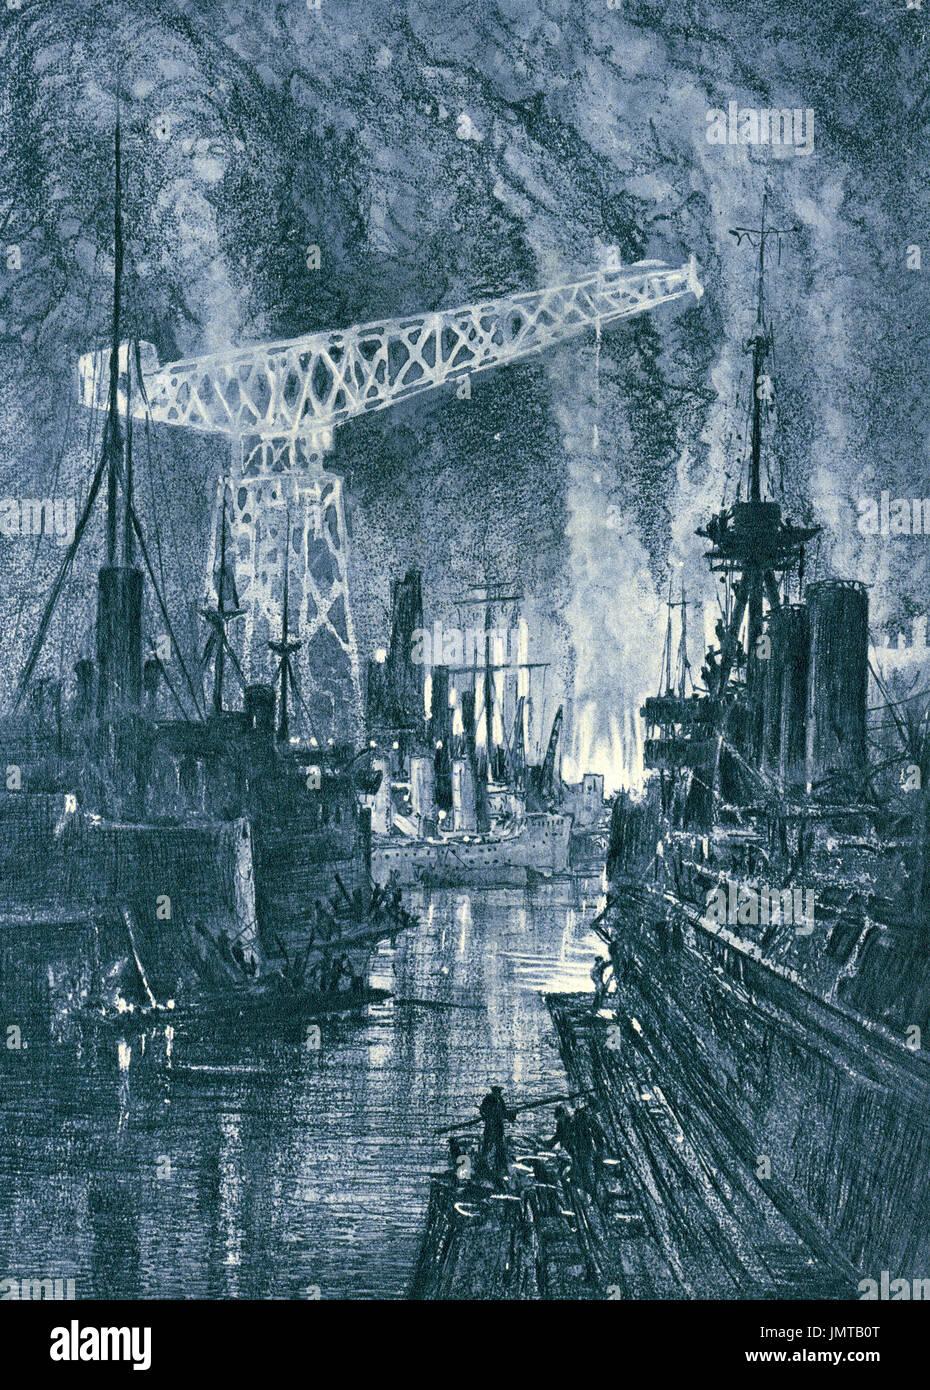 Schiffsbau bei Nacht, ww1 Stockbild